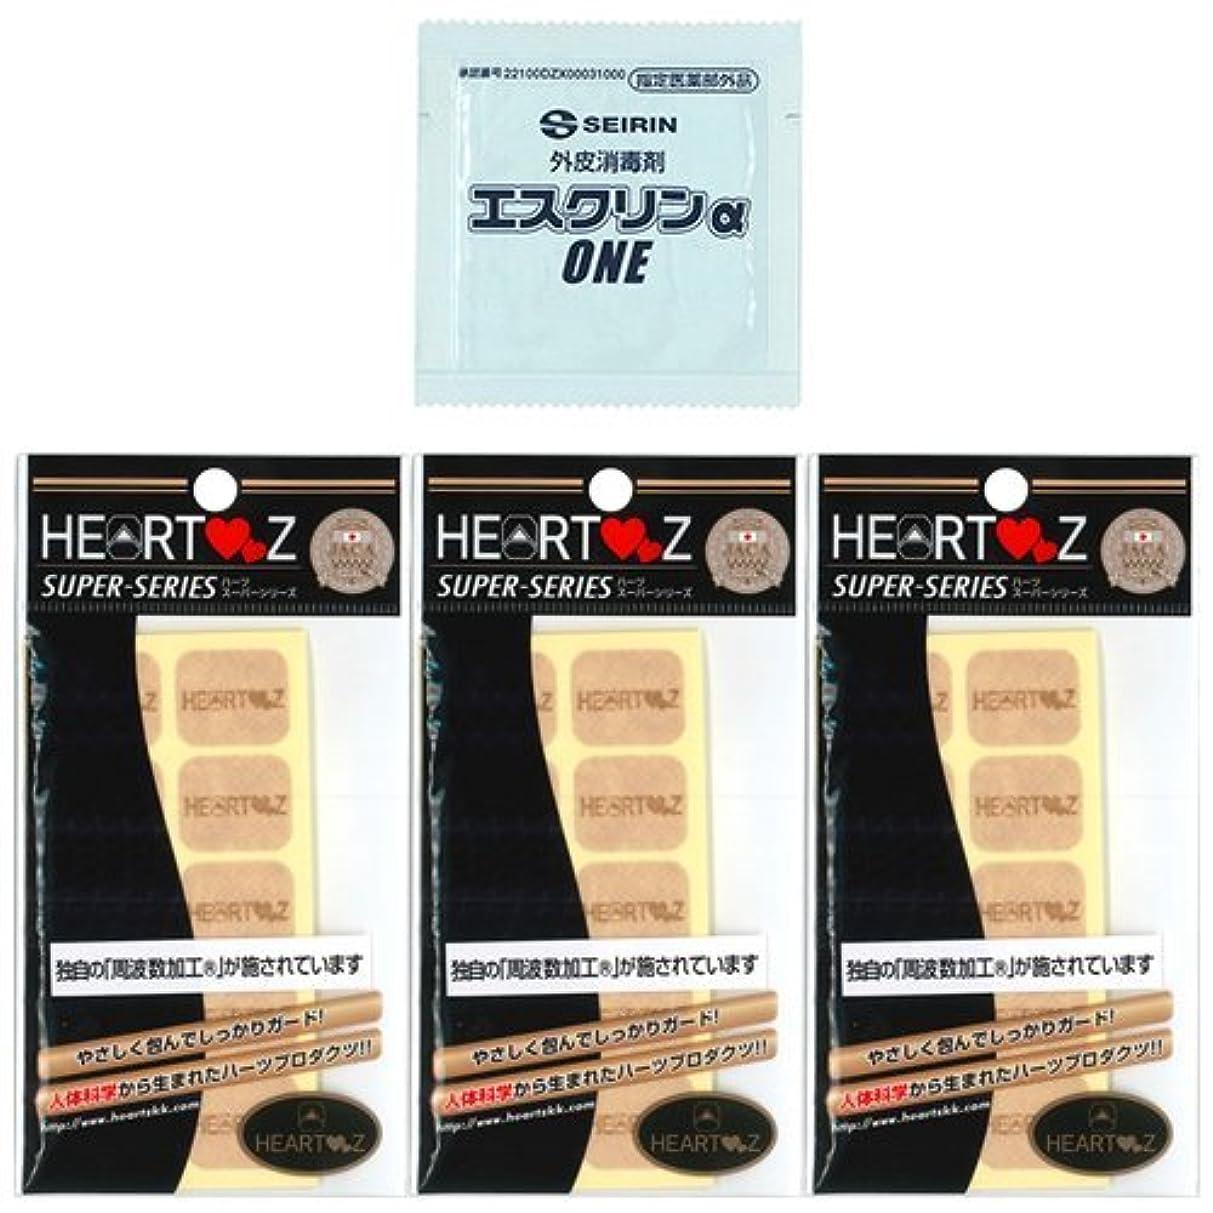 チャームめる後ろに【HEARTZ(ハーツ)】ハーツスーパーシール レギュラータイプ 80枚入×3個セット (計240枚) + エスクリンαONEx1個 セット